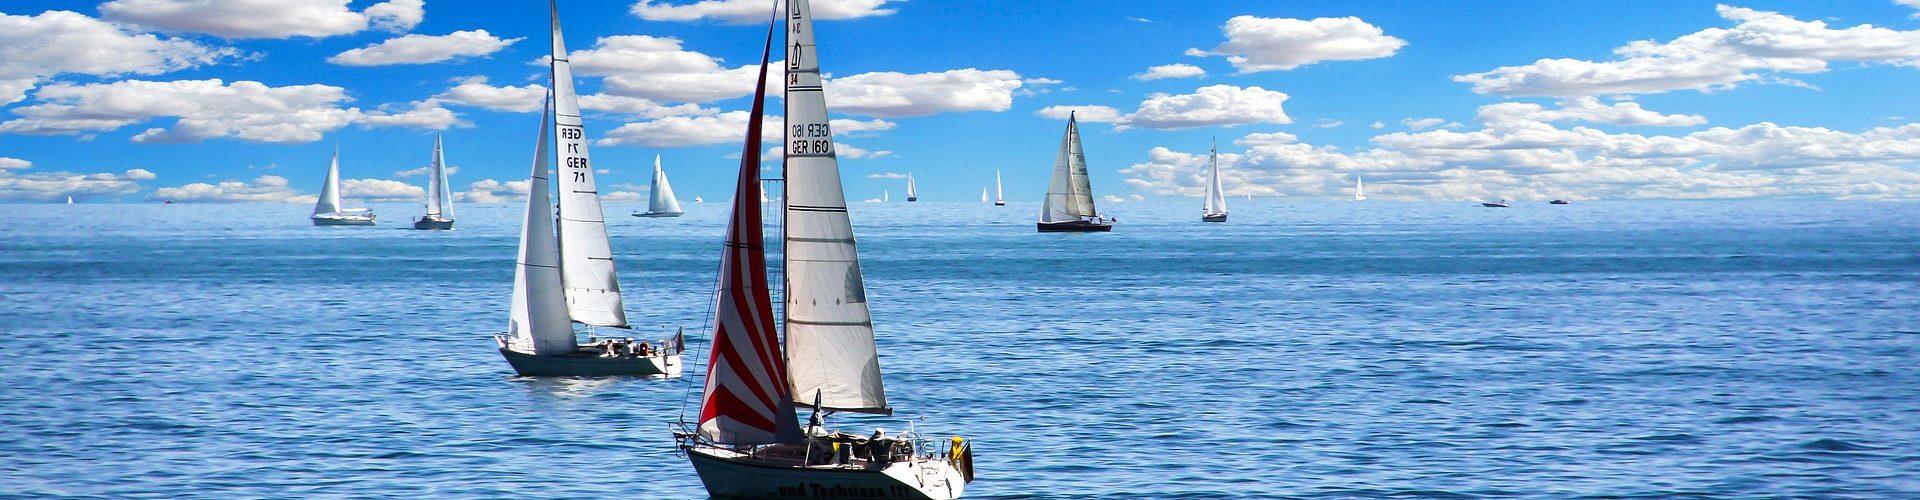 segeln lernen in Pirmasens segelschein machen in Pirmasens 1920x500 - Segeln lernen in Pirmasens